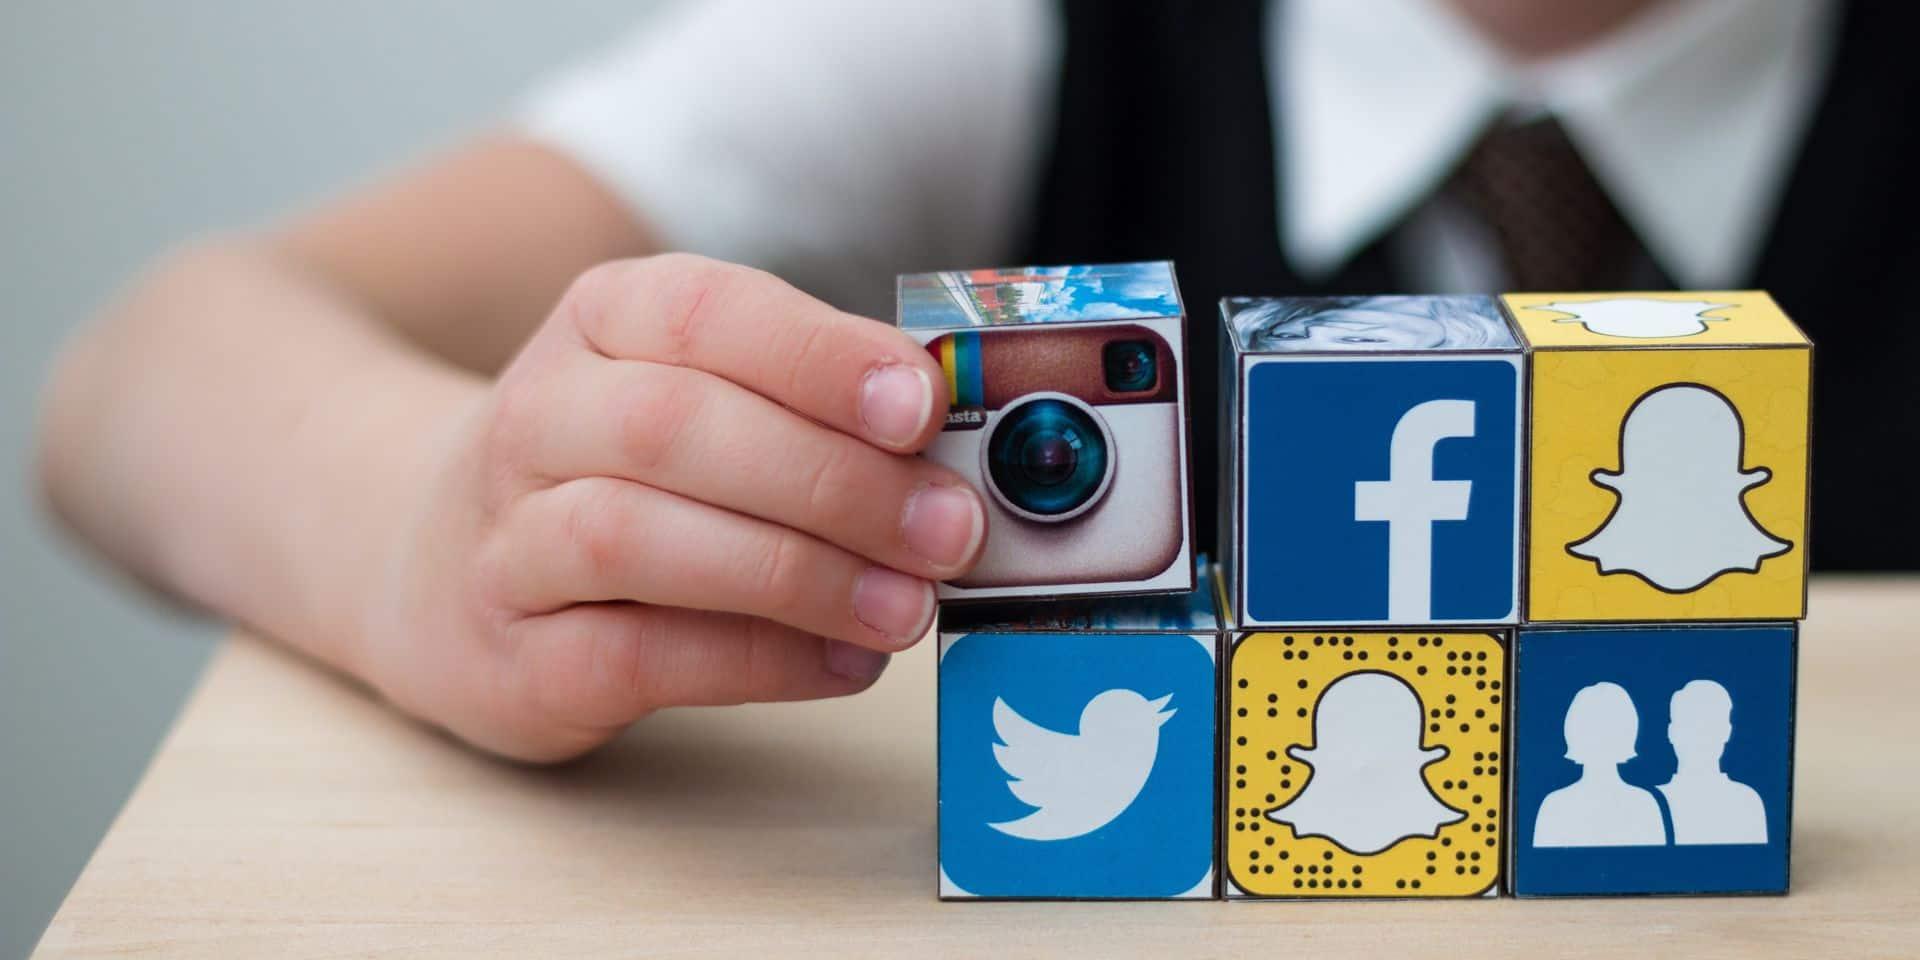 Parents, enfants, des pistes pour utiliser les réseaux sociaux de manière positive : ayez une selfie-discussion !